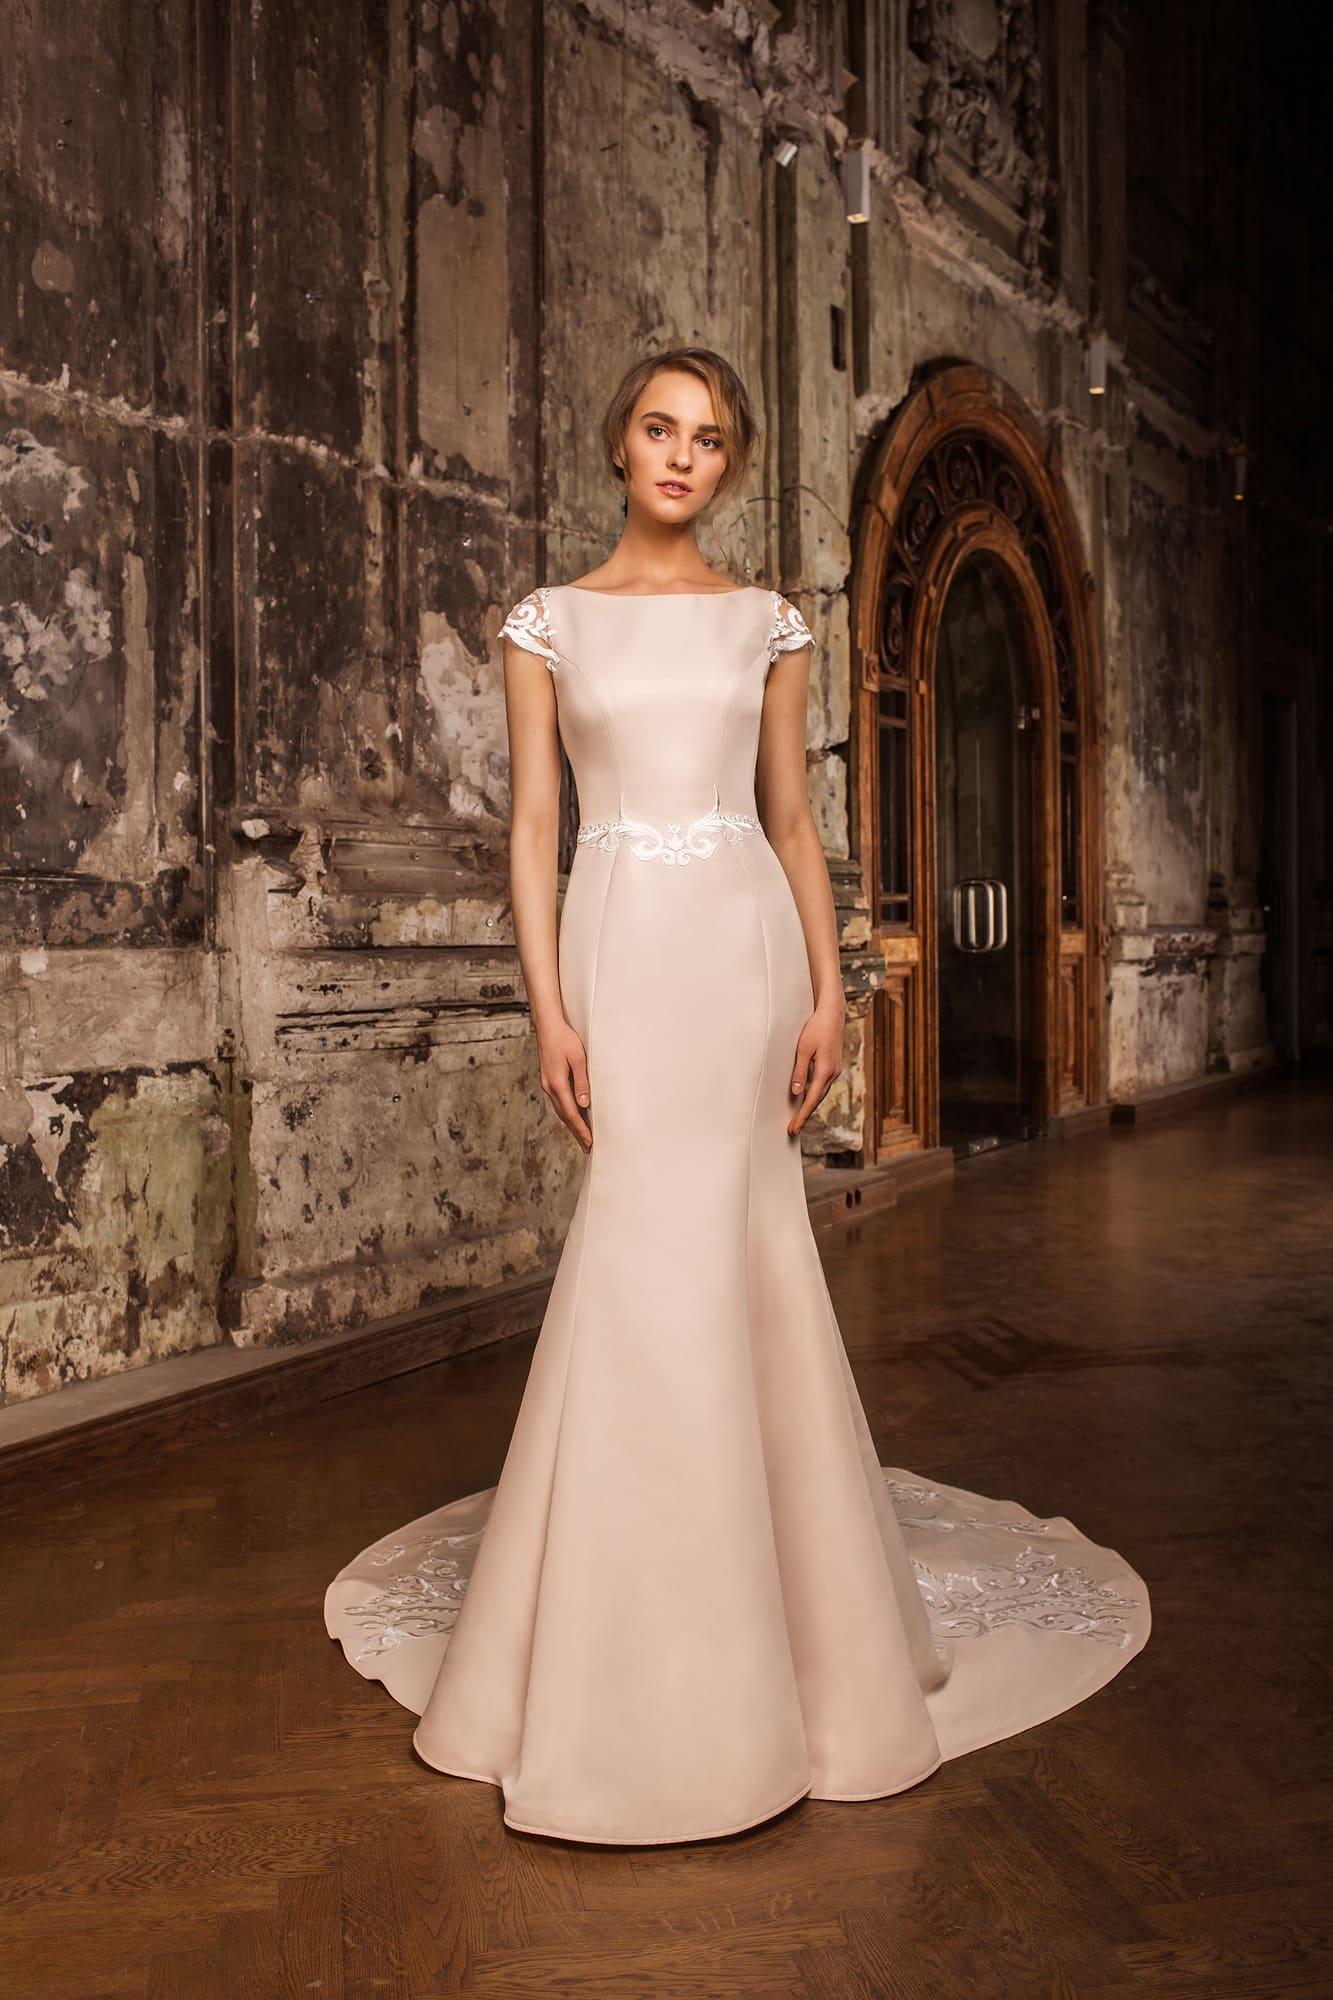 Пудровое свадебное платье из атласа с закрытым верхом и коротким рукавом из кружева